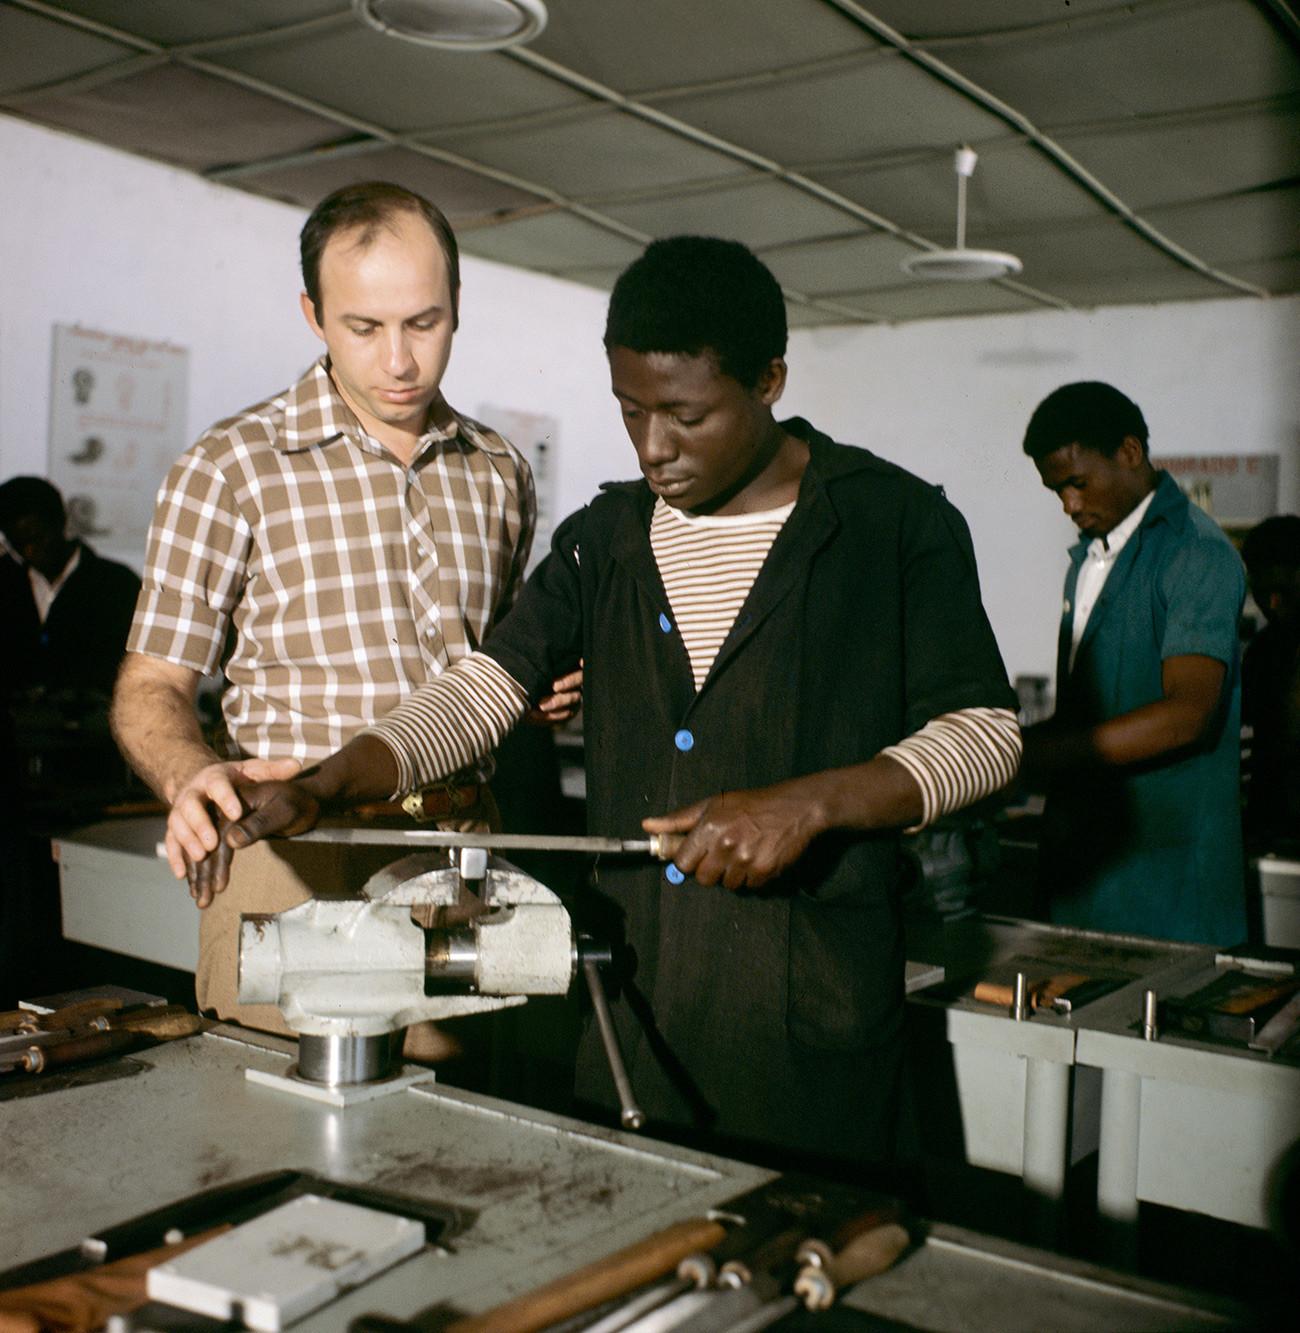 Sovjetski bravar podučava afričkog studenta.